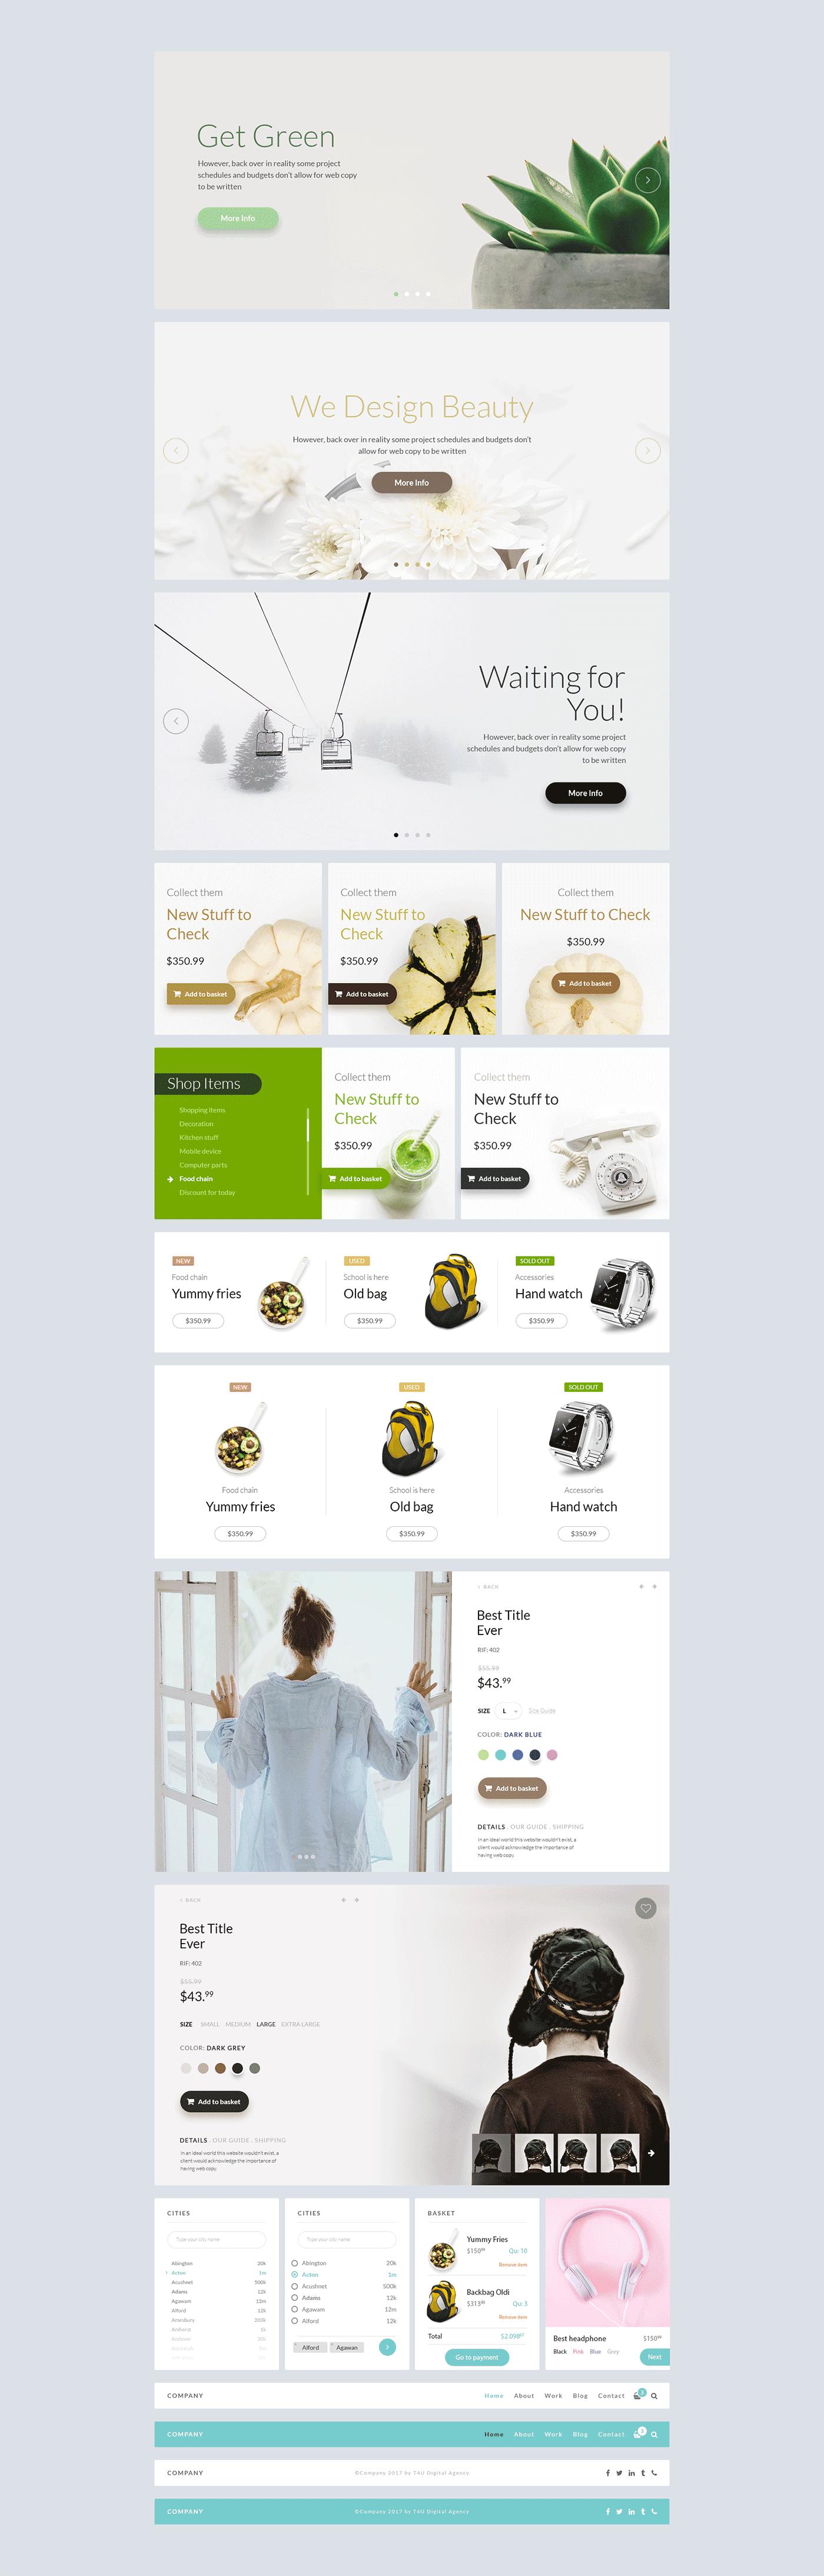 Free Web eCommerce UI Kit